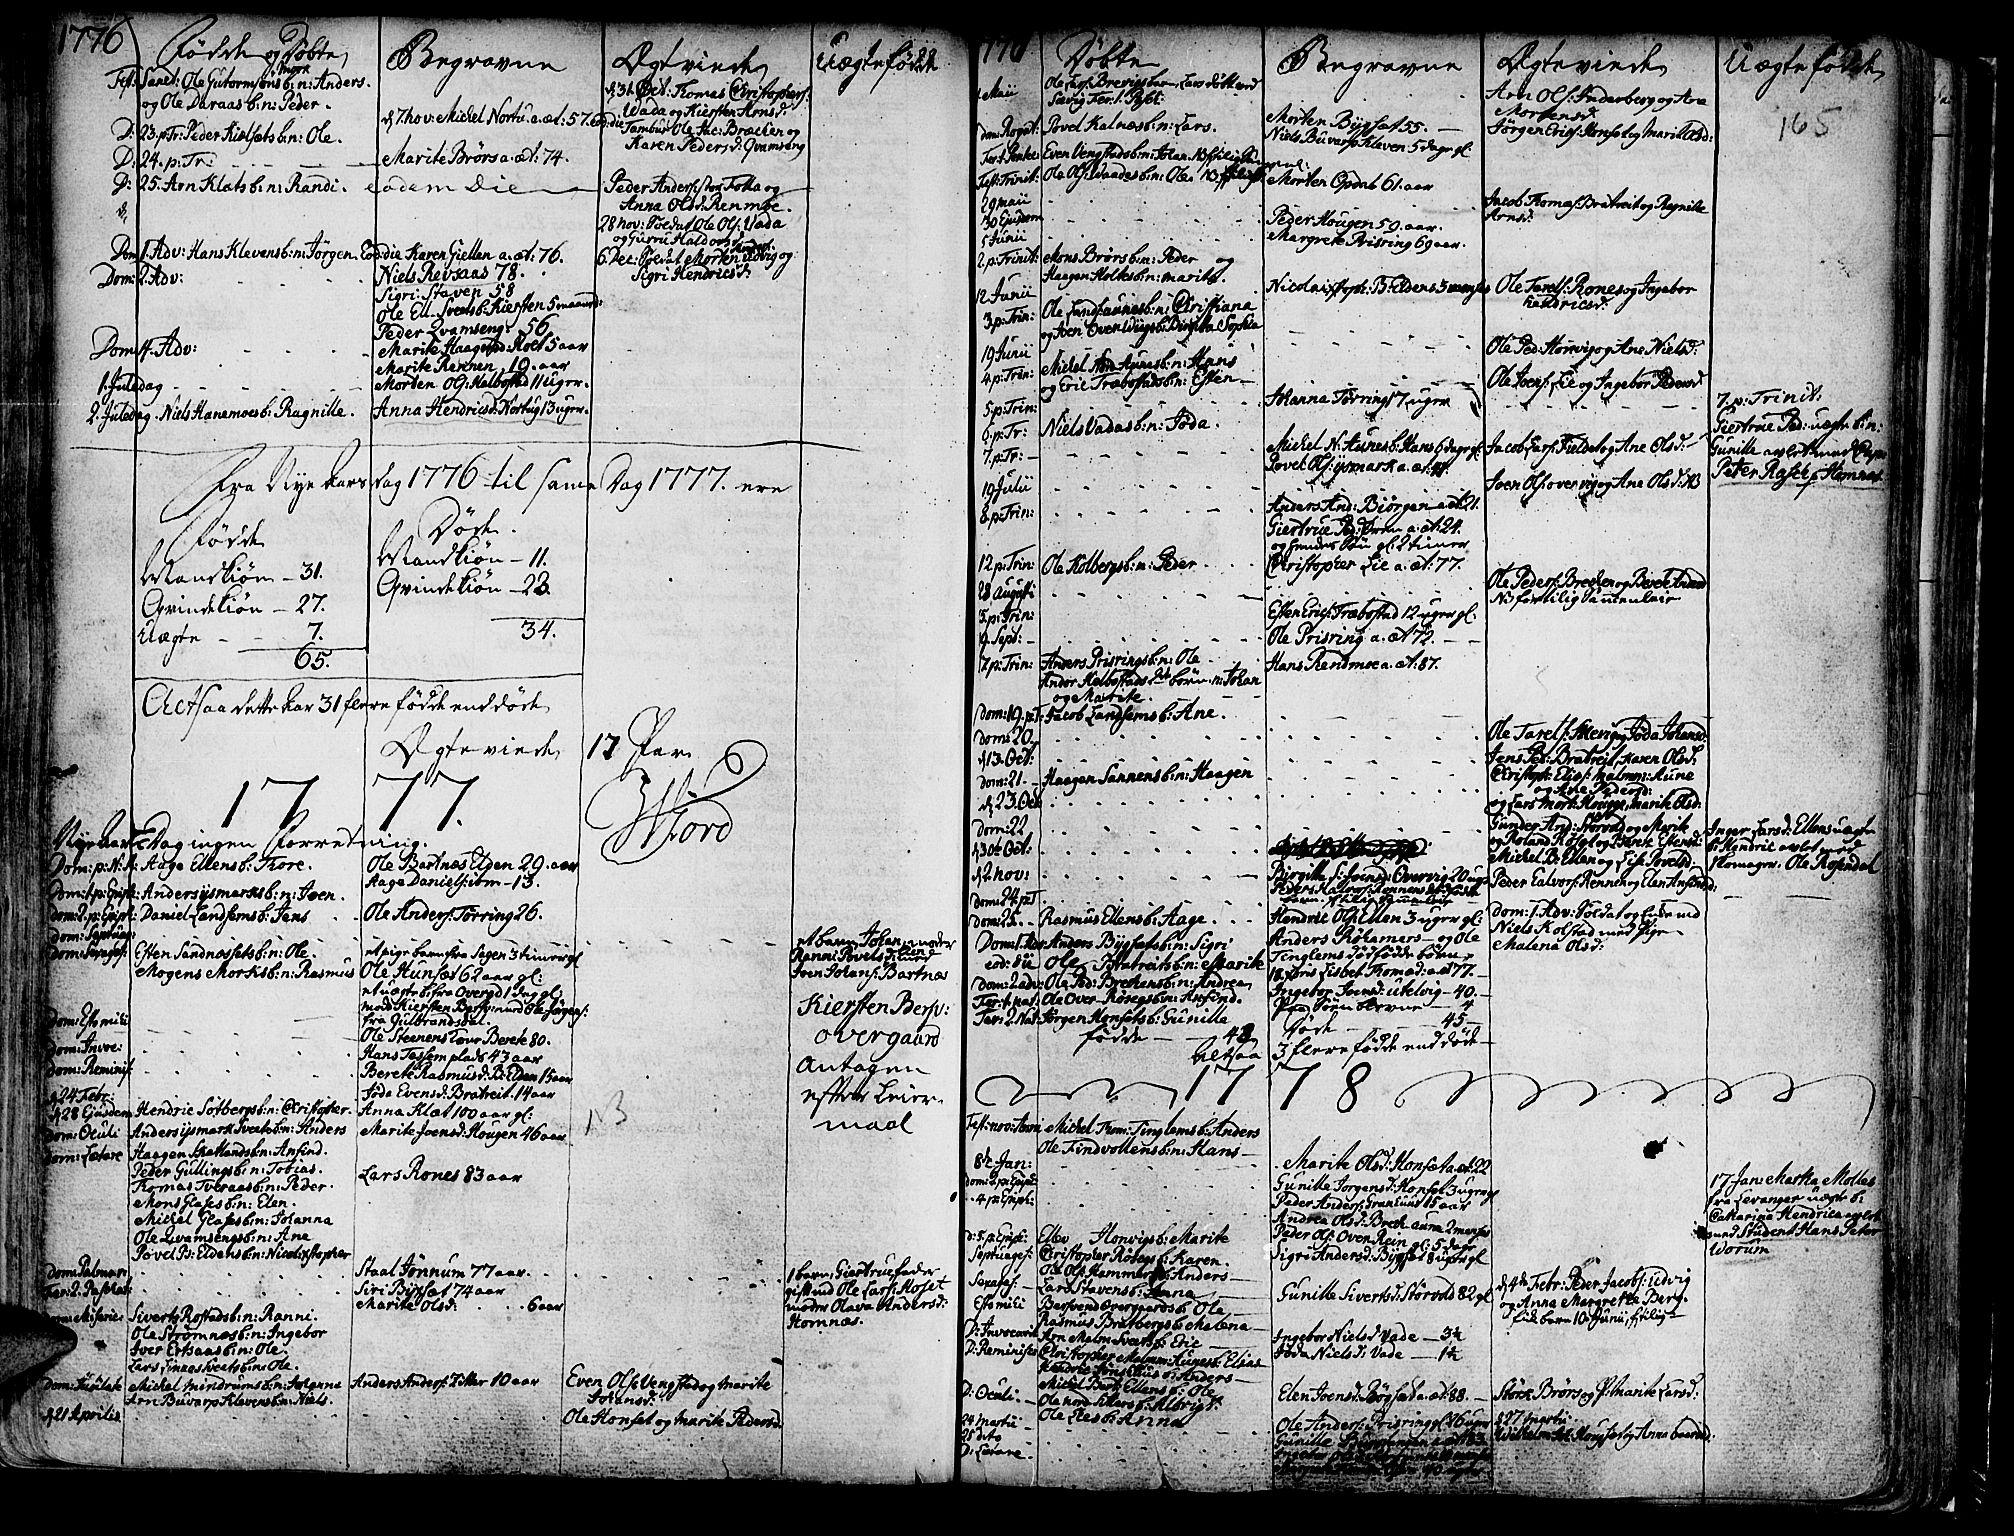 SAT, Ministerialprotokoller, klokkerbøker og fødselsregistre - Nord-Trøndelag, 741/L0385: Ministerialbok nr. 741A01, 1722-1815, s. 165